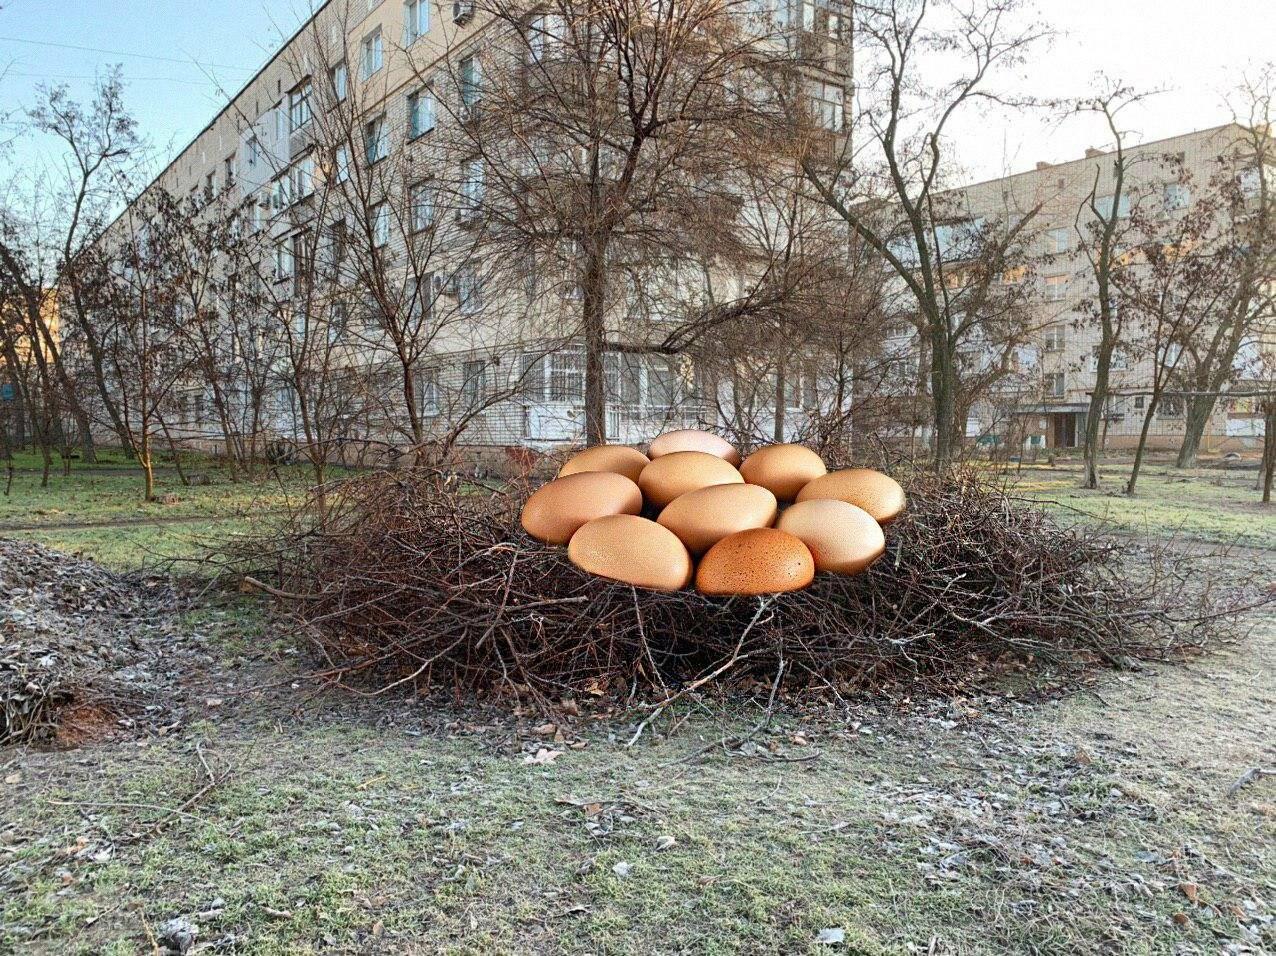 Бердянск в опасности! Обнаружены новые формы жизни! (фото), фото-2